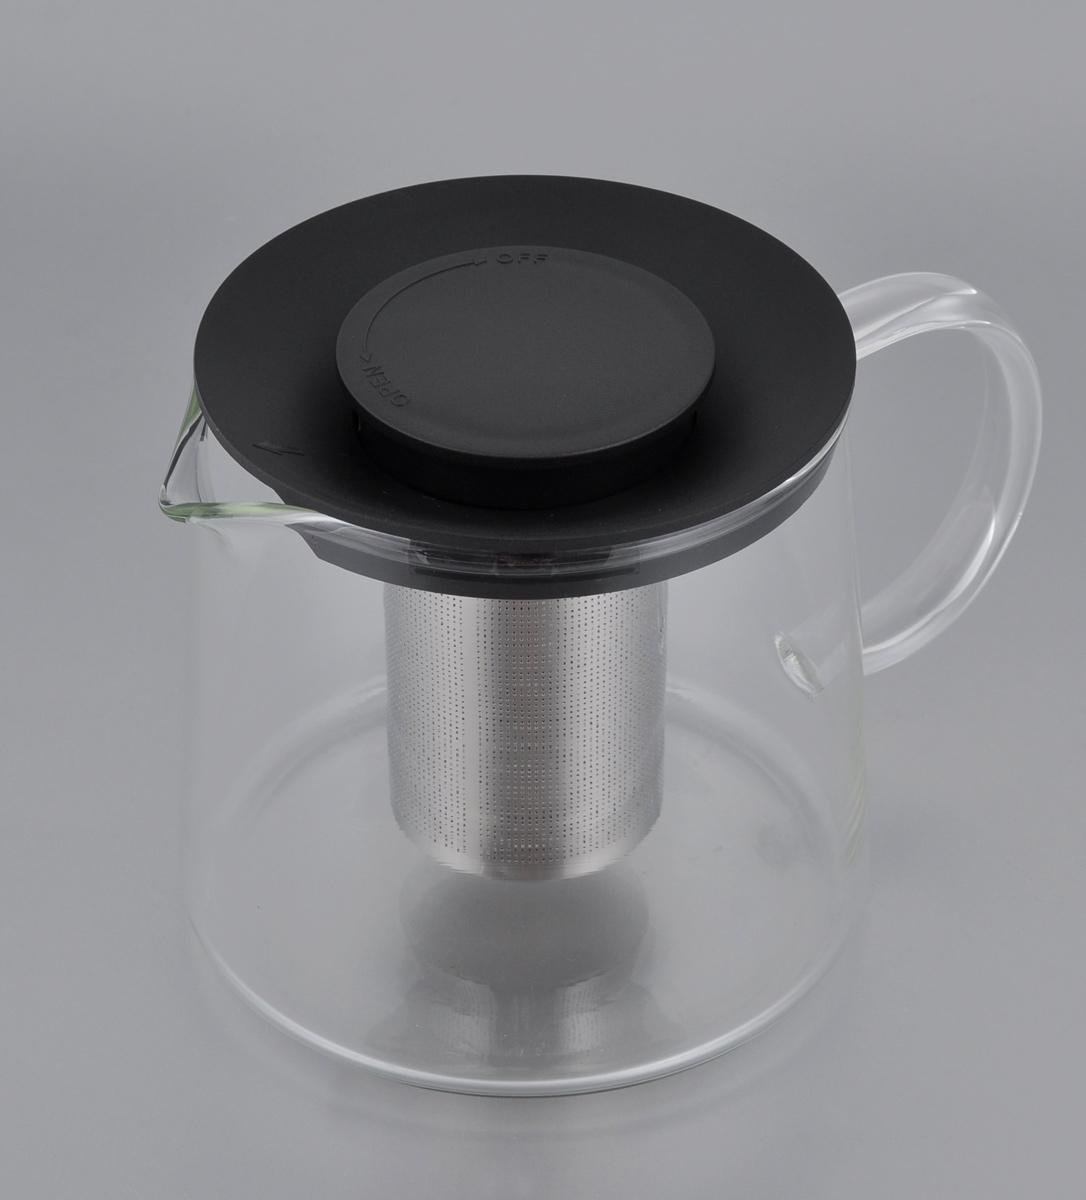 Чайник Идея Камилла, цвет: черный, прозрачный, 1 лKML-01_черныйЧайник Идея Камилла прекрасно подходит для заваривания чая, кофе и травяных настоев. Чайник изготовлен из высококачественного жаропрочного стекла, оснащен металлическим фильтром и пластиковой крышкой. Основные достоинства чайника: - возможность регулировать время заваривания, - возможность комбинировать напиток с различными наполнителями (специи, травы), - возможность подогрева напитка на газовой плите (при 180°С). Диаметр (по верхнему краю): 11 см. Диаметр основания: 12,5 см. Высота фильтра: 8 см. Высота чайника: 11,5 см.